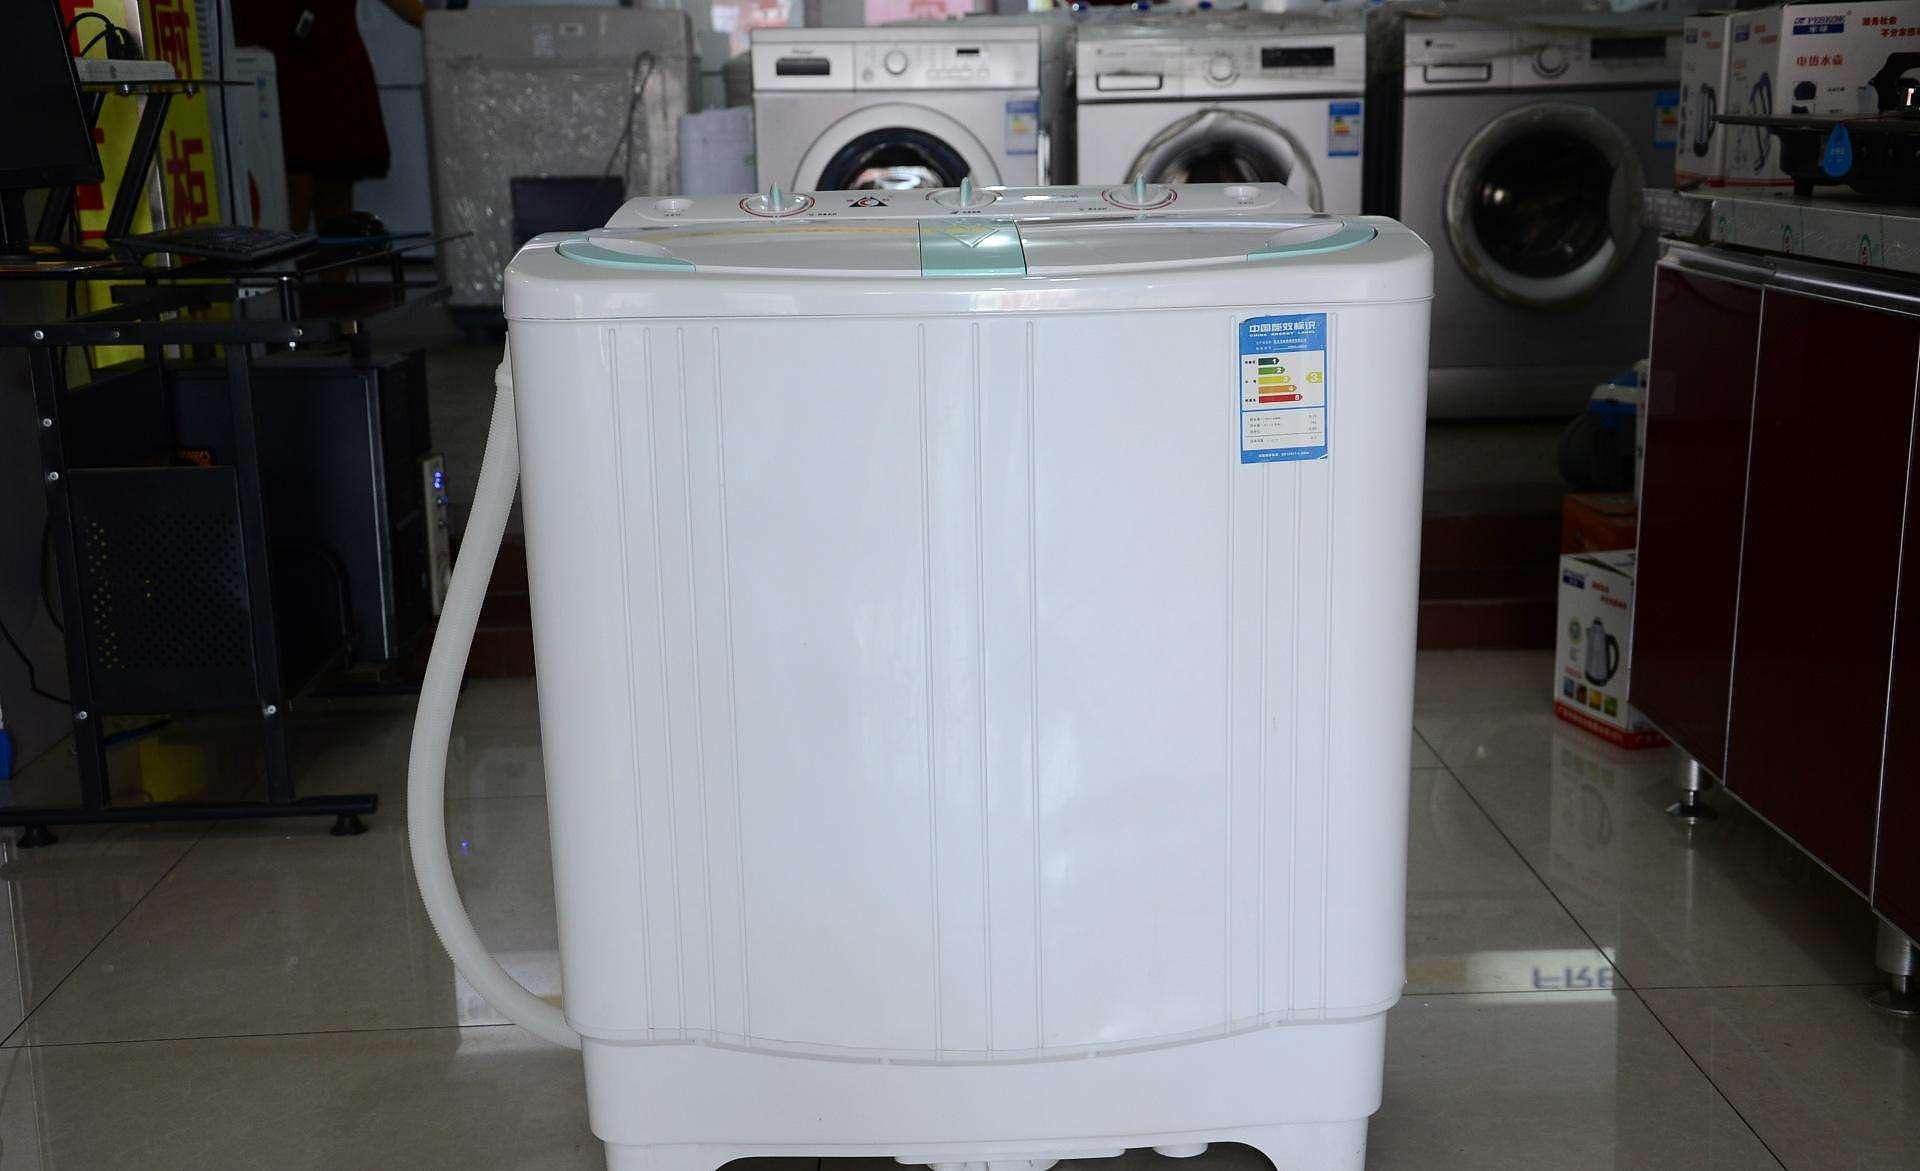 长虹全自动洗衣机价格 全自动洗衣机如何选购